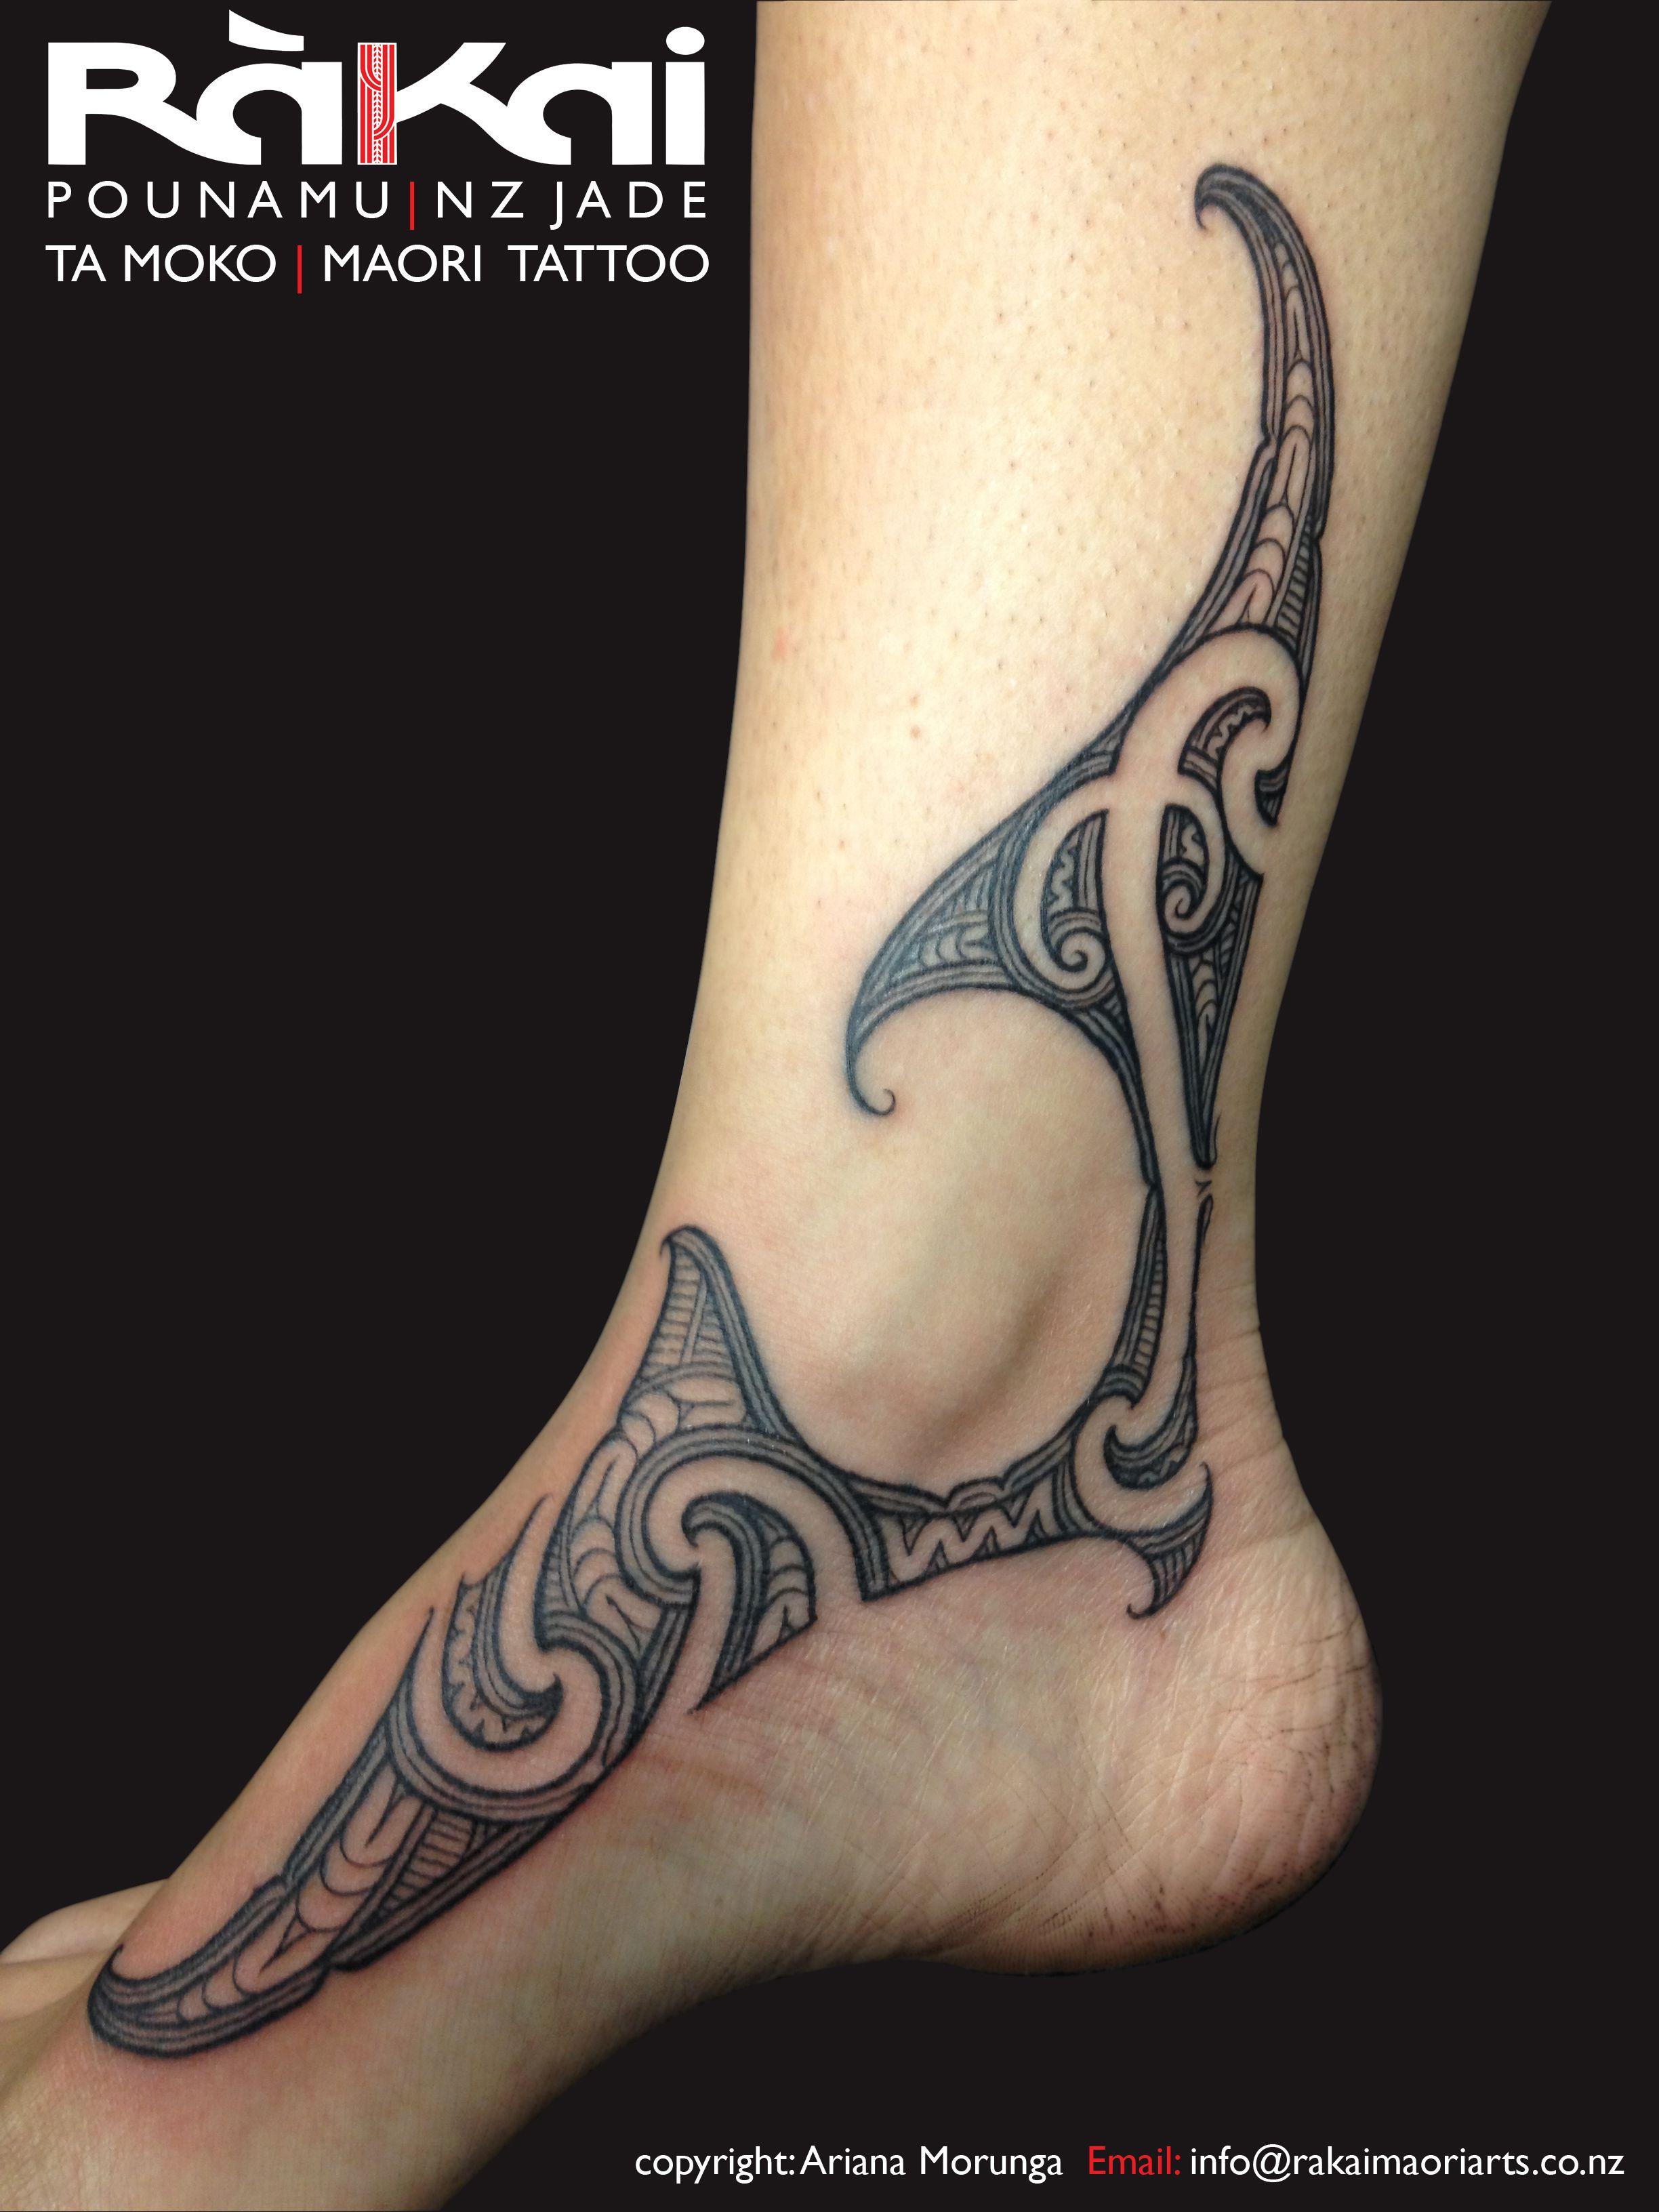 Maori Tattoo Ankle: Ariana Morunga - Rakai